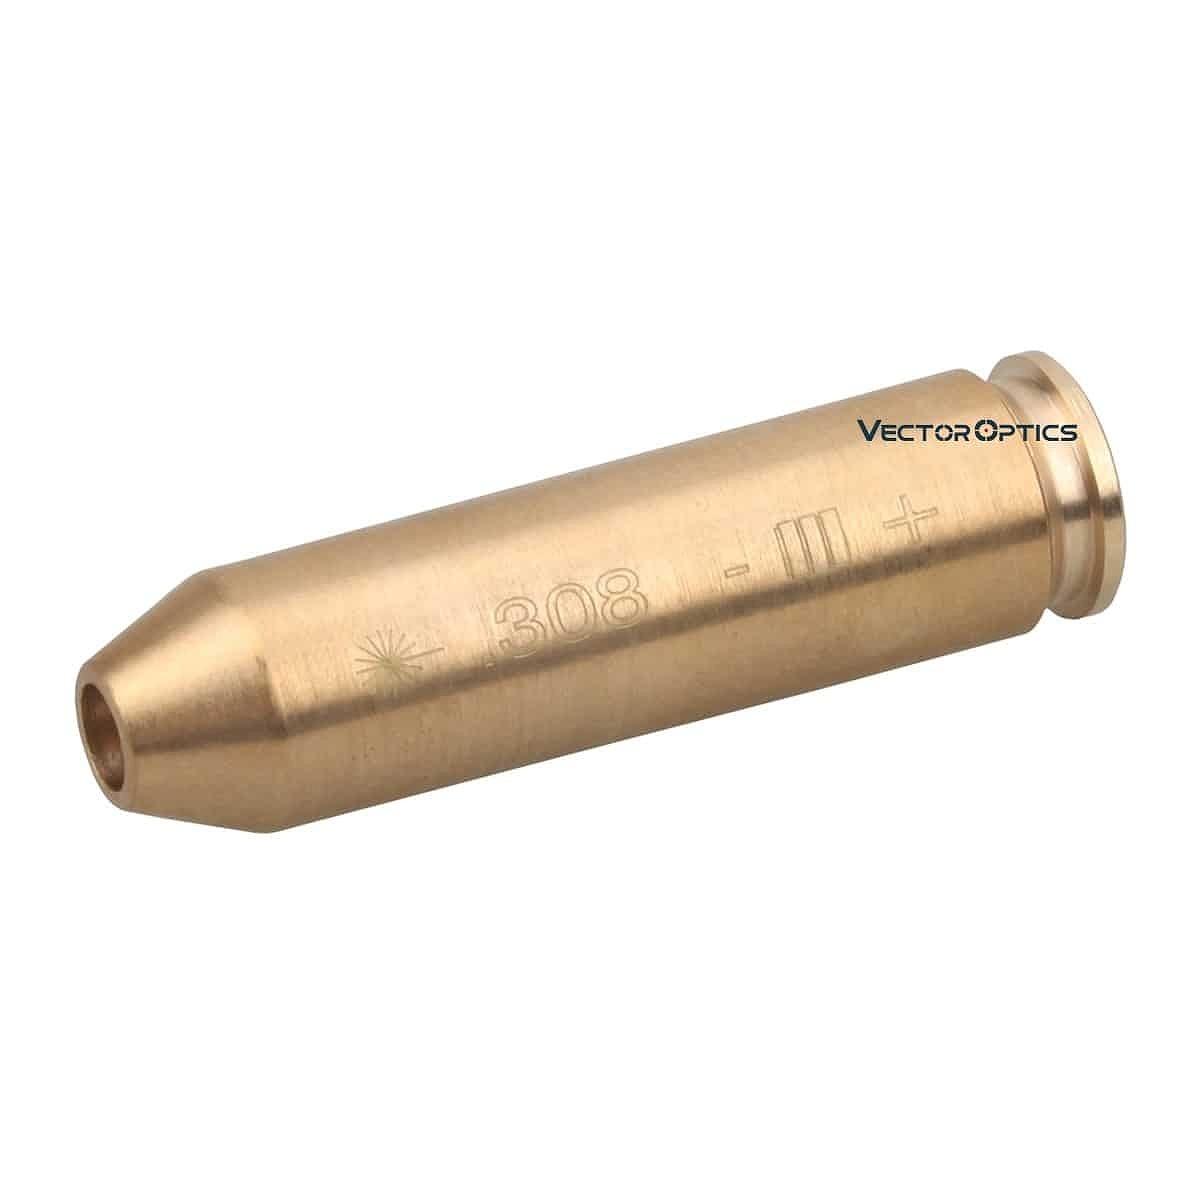 【お届け予定日: 5月30日】ベクターオプティクス ボアサイト 308 WIN  Vector Optics SCBCR-04